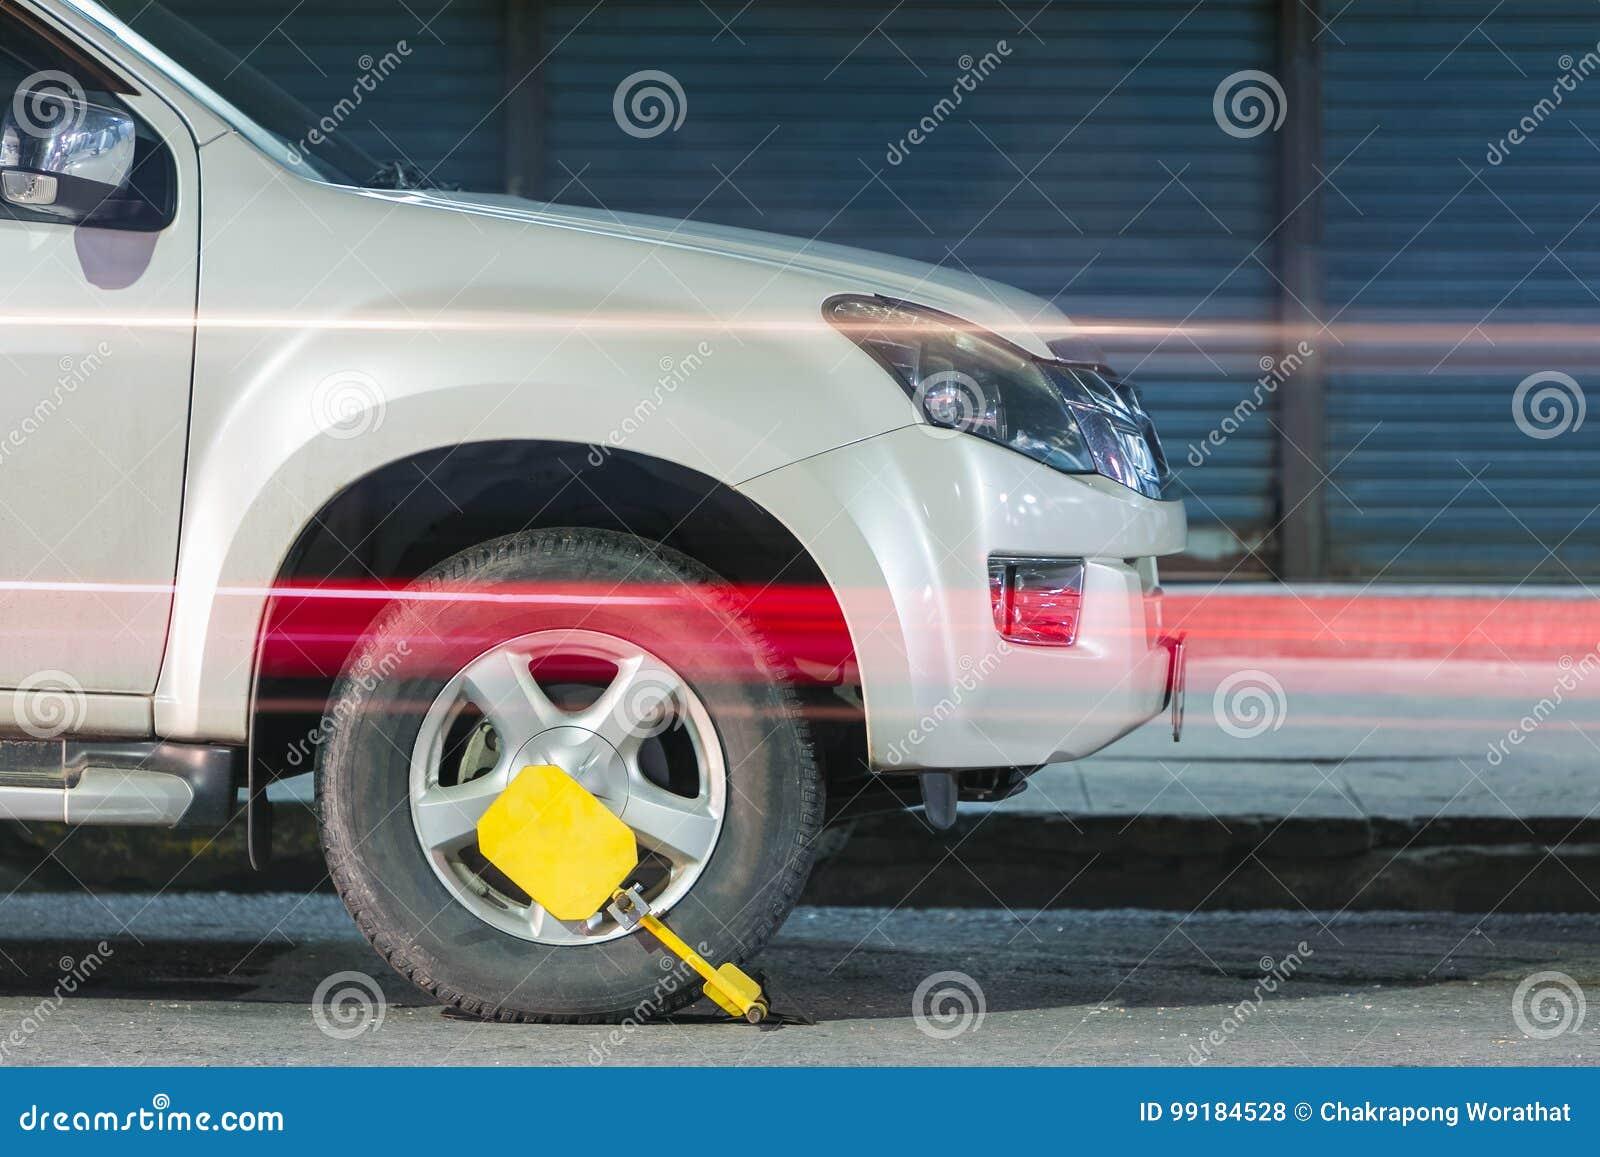 Klämt fast framhjul Hjullås, begrepp av bilen